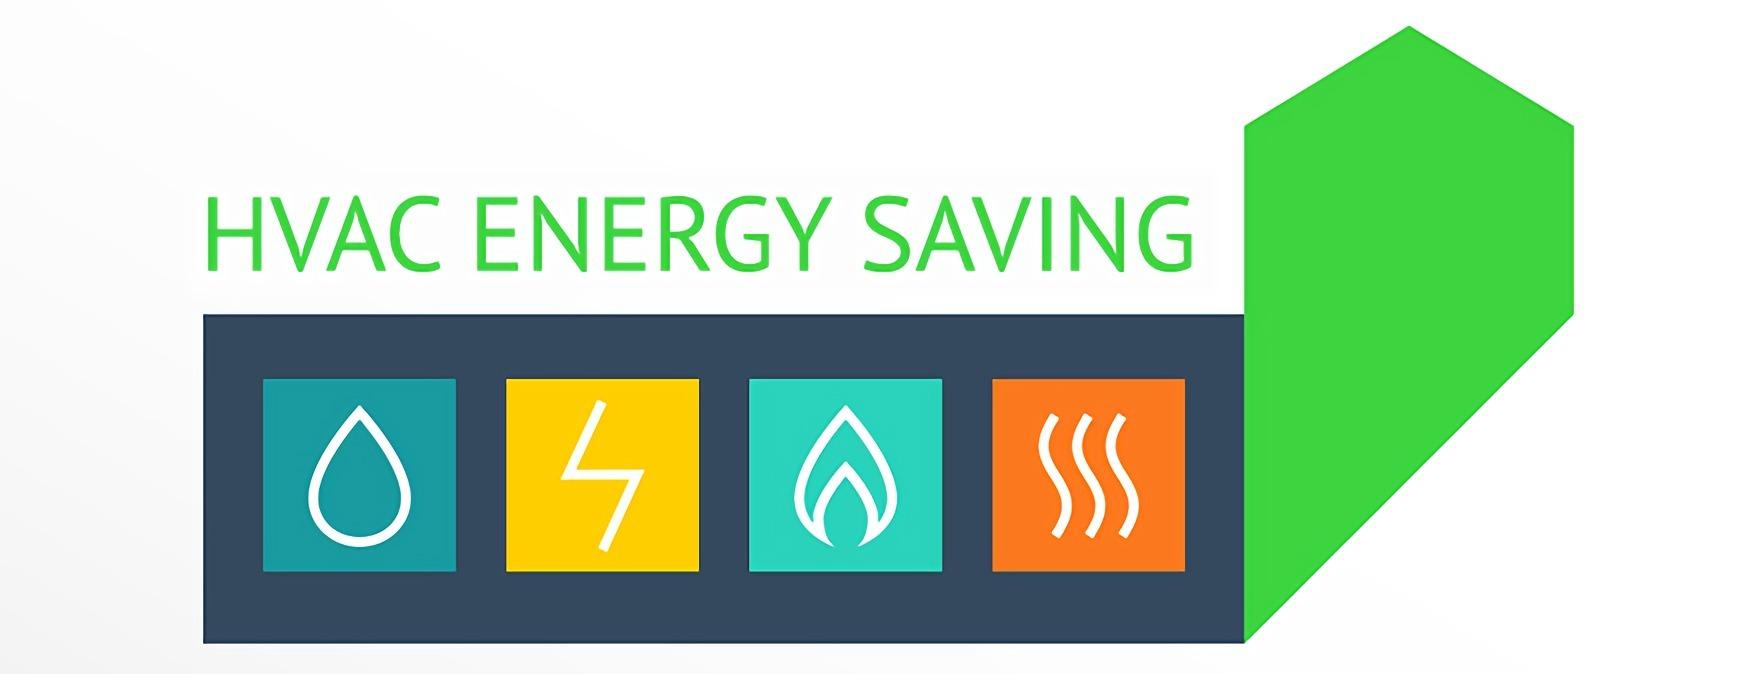 hvac energy saving